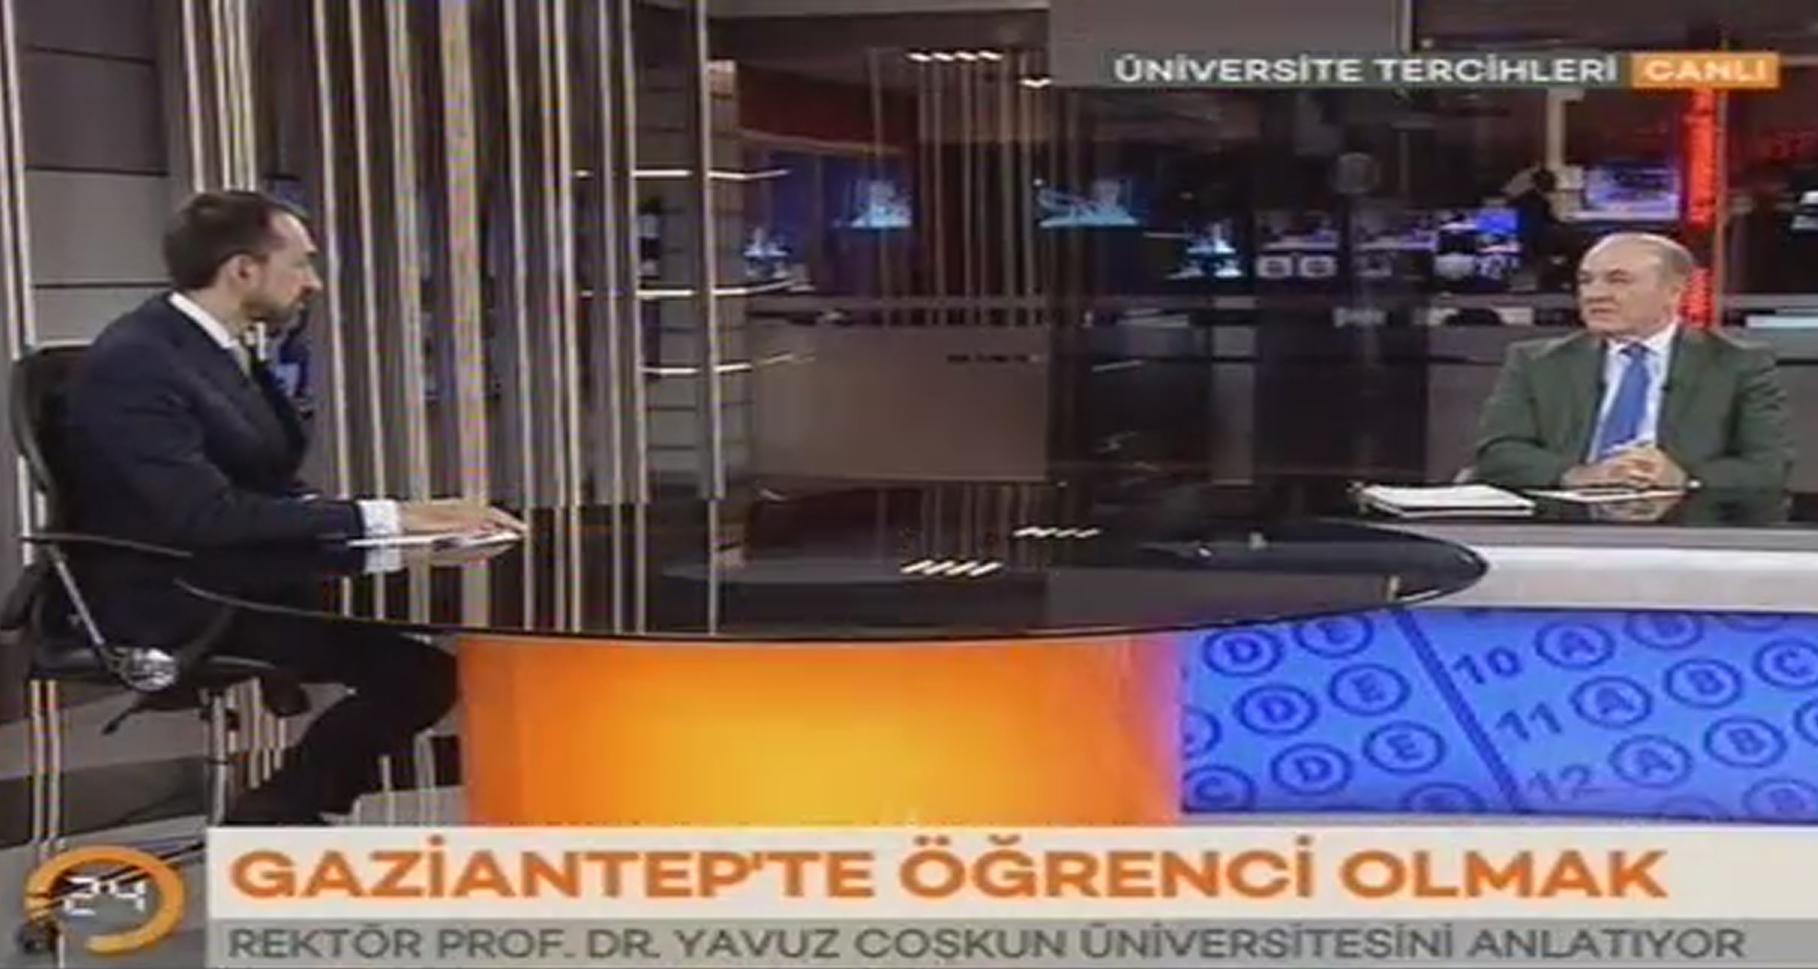 Kanal24 TV - Rektör Gaziantep Üniversitesini Anlatıyor